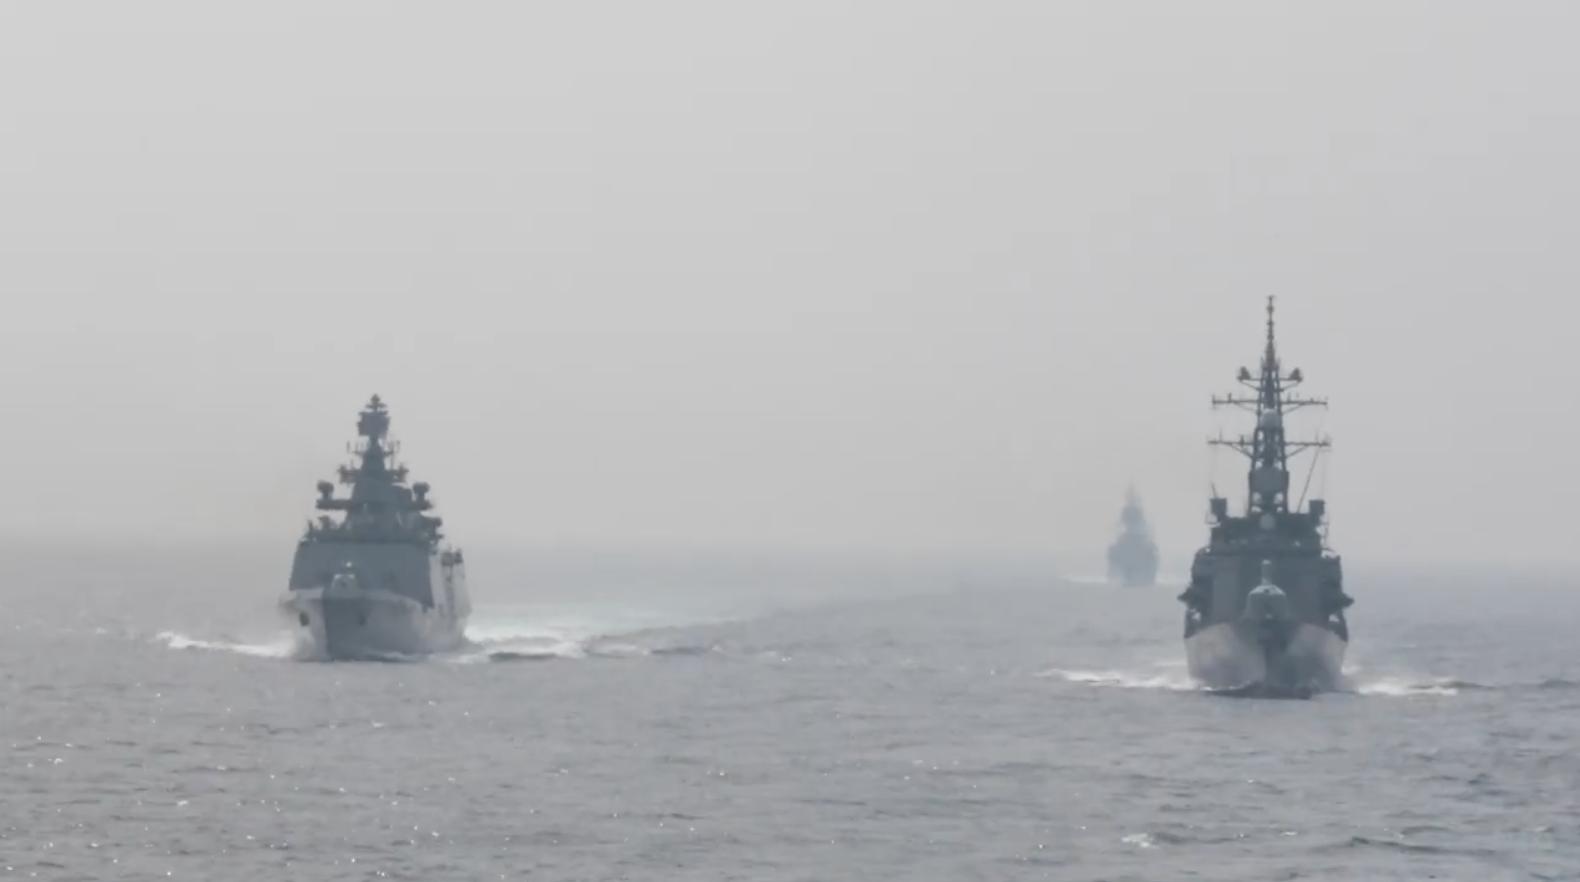 Chiến hạm Anh Quốc không đến gần các đảo nhân tạo của Trung Cộng tại biển Đông